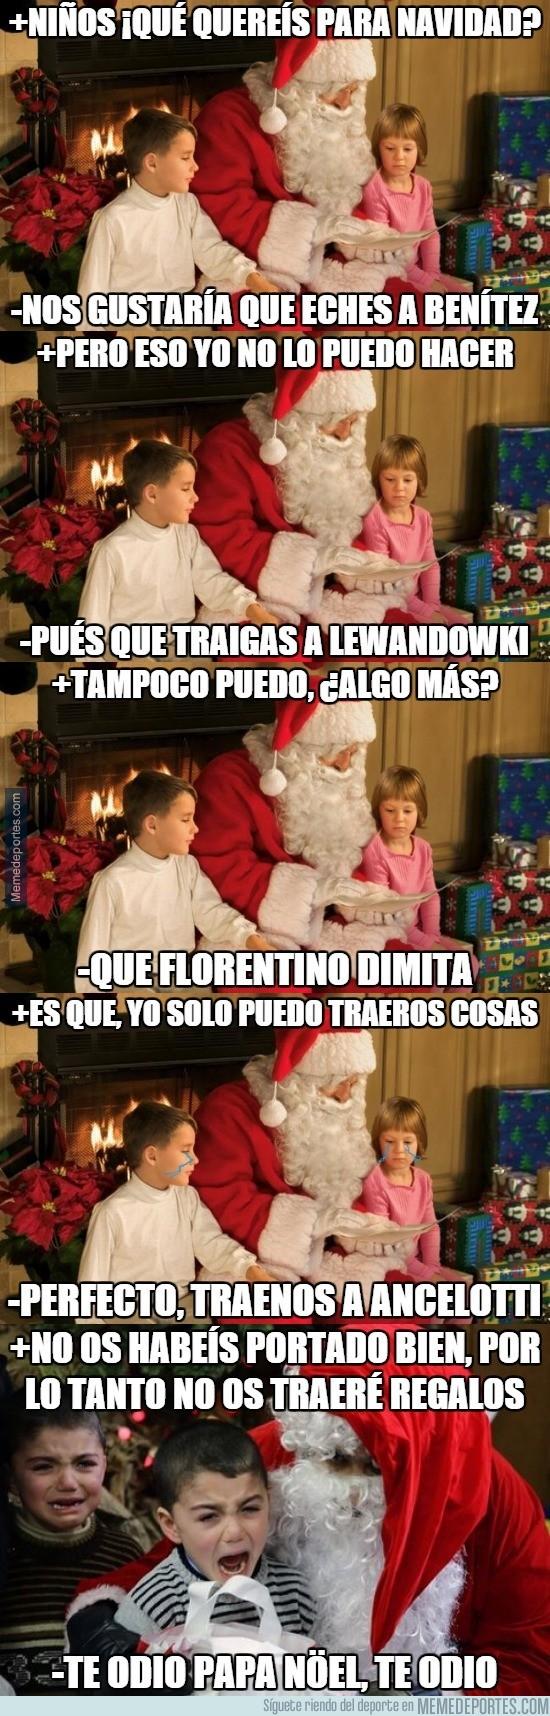 746239 - Los madridistas pidiendo cosas a Papa Noel